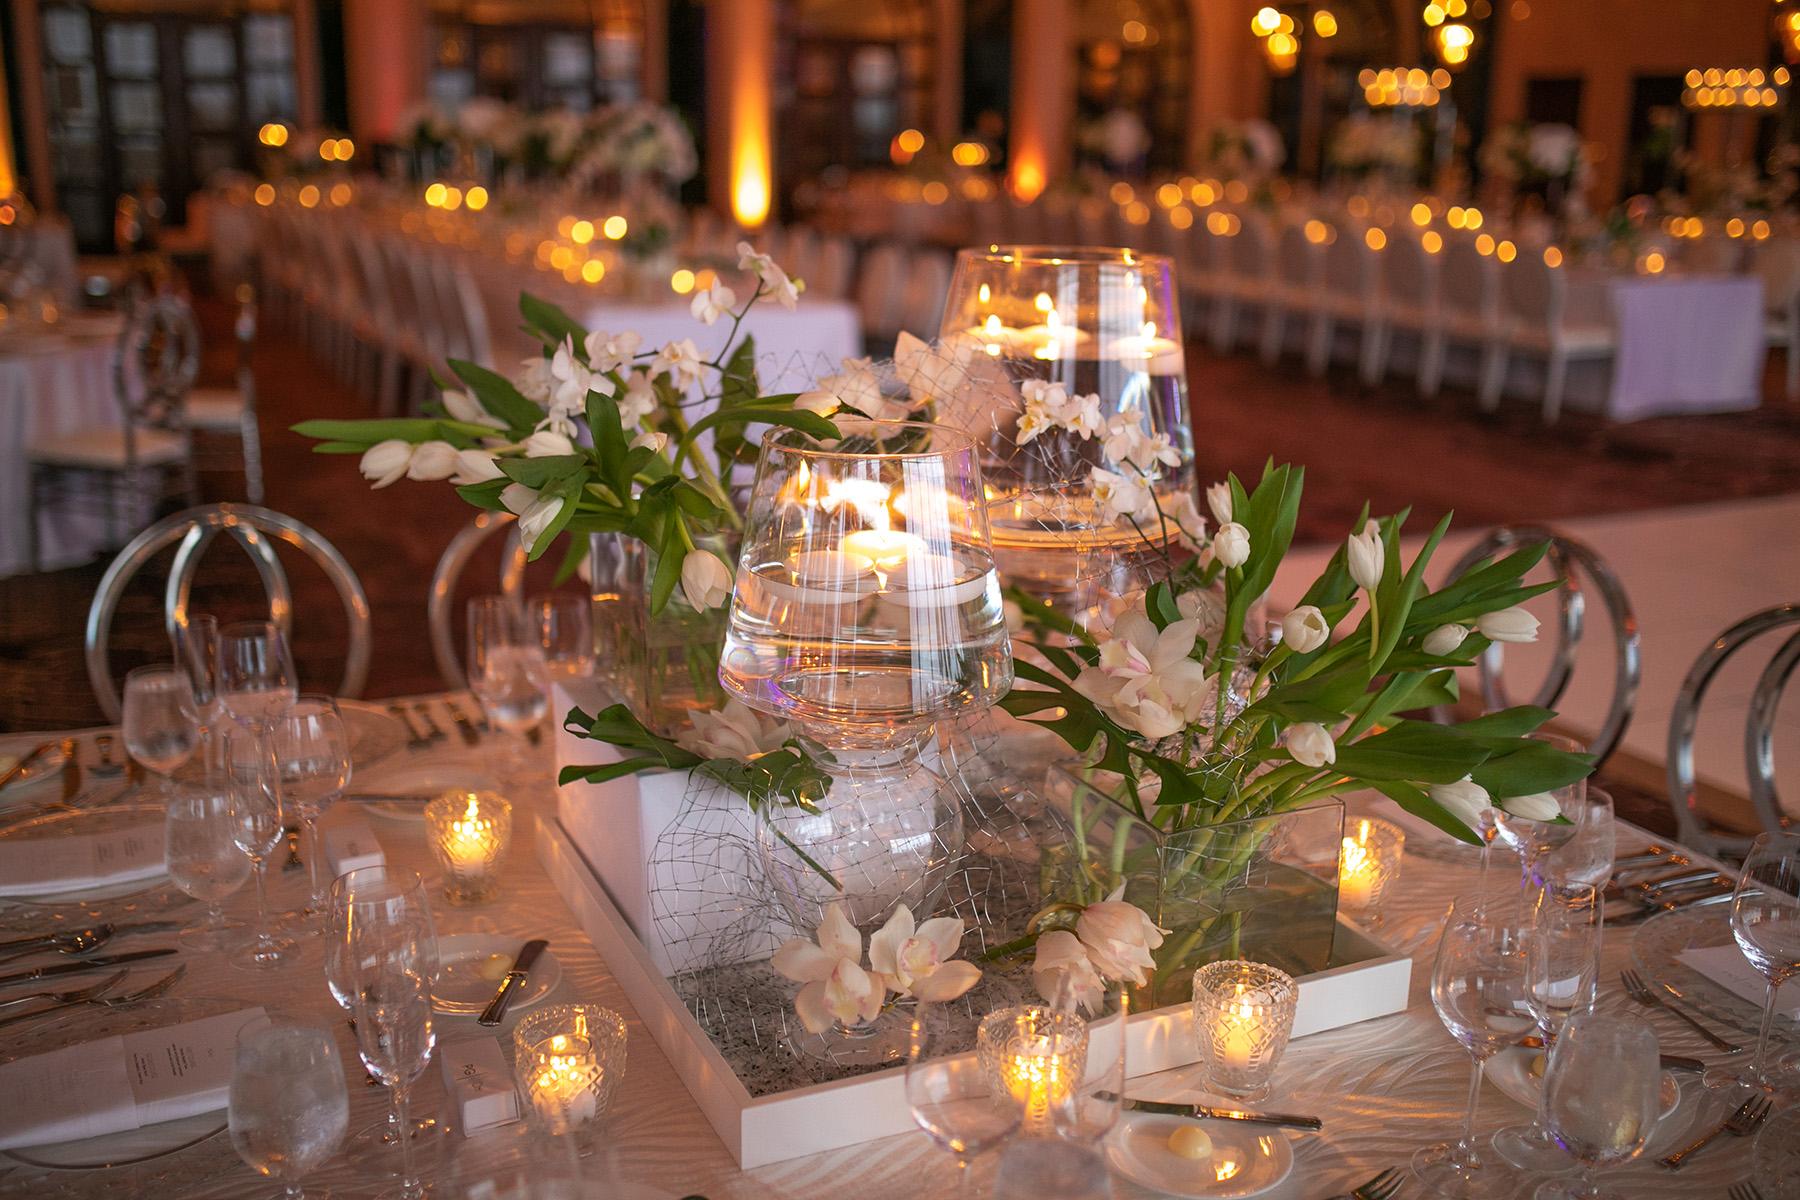 La ambientación con velas creó un ambiente acogedor. Las invitaciones fueron de Invitation House. Foto Wilo Rosado.